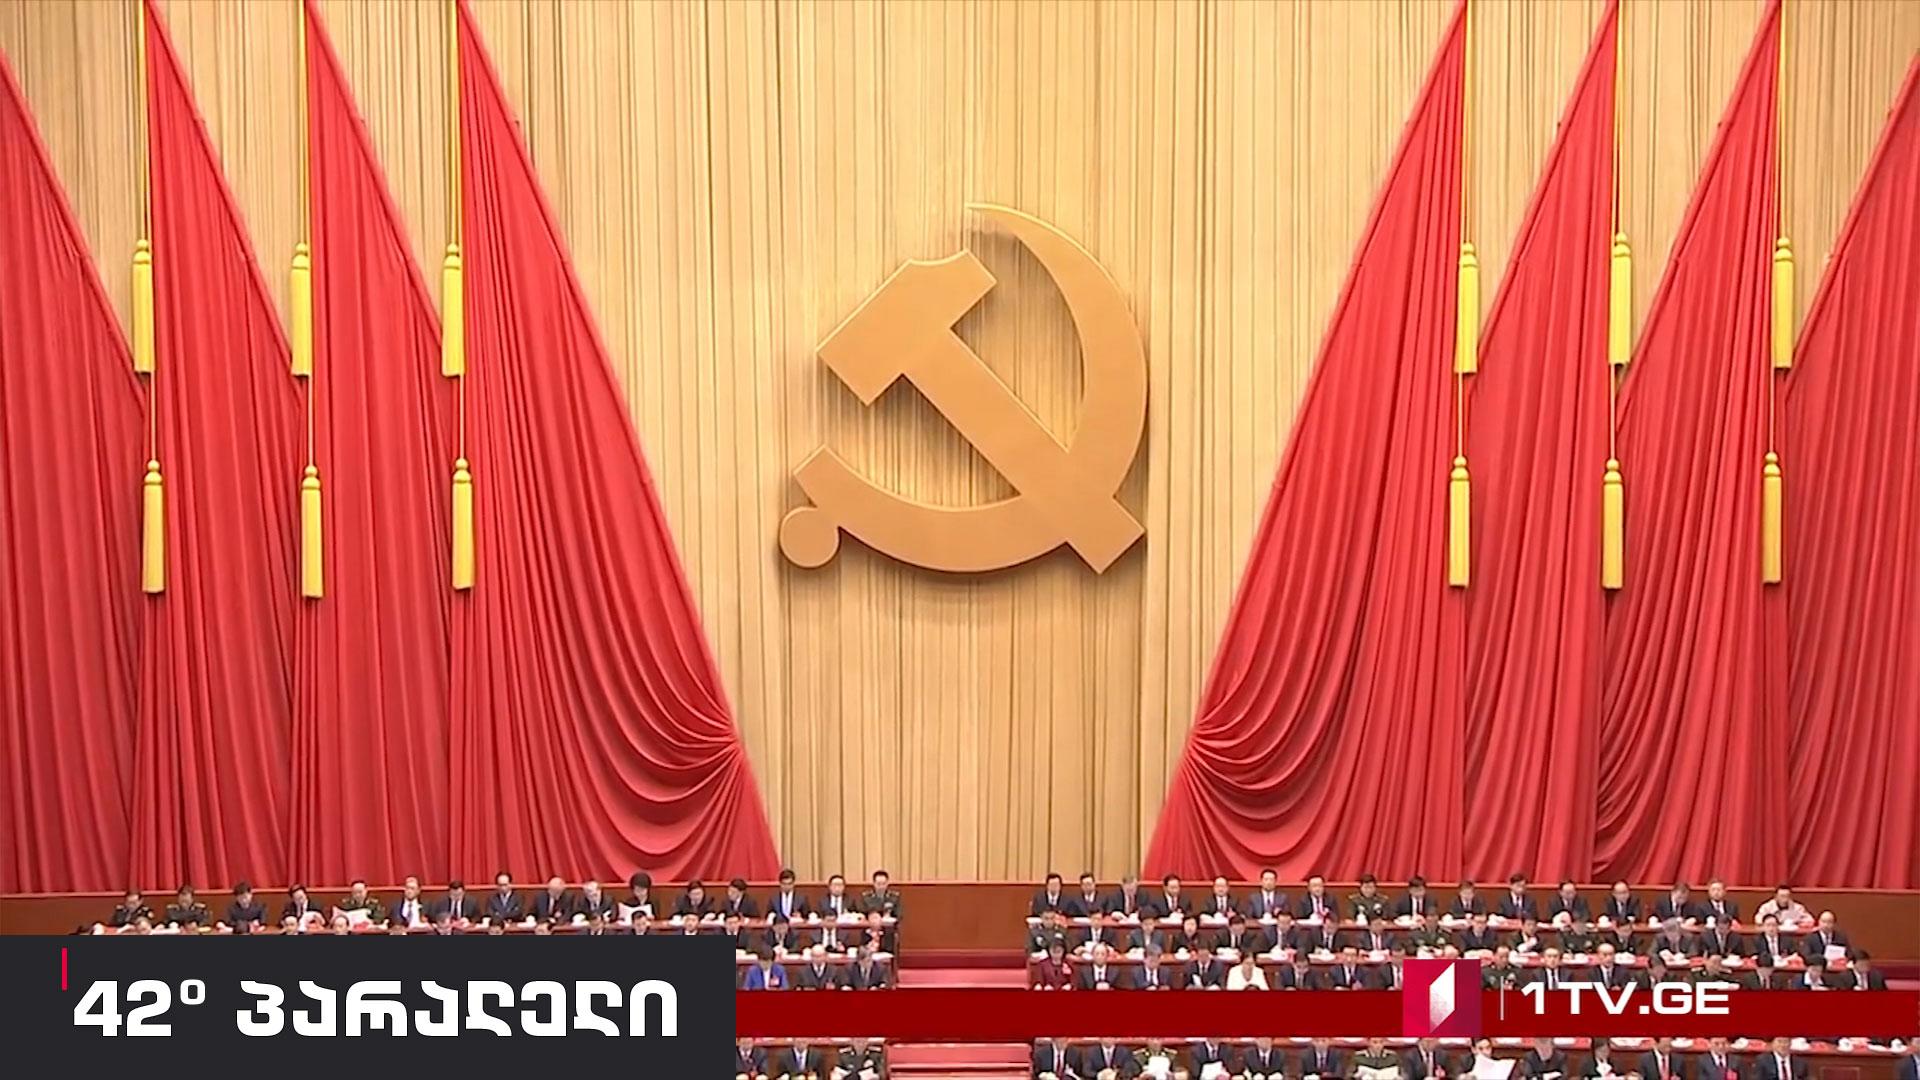 42° პარალელი - ჩინეთის მმართველობა - როგორ არის მოწყობილი ძალაუფლების სისტემა ჩინეთში